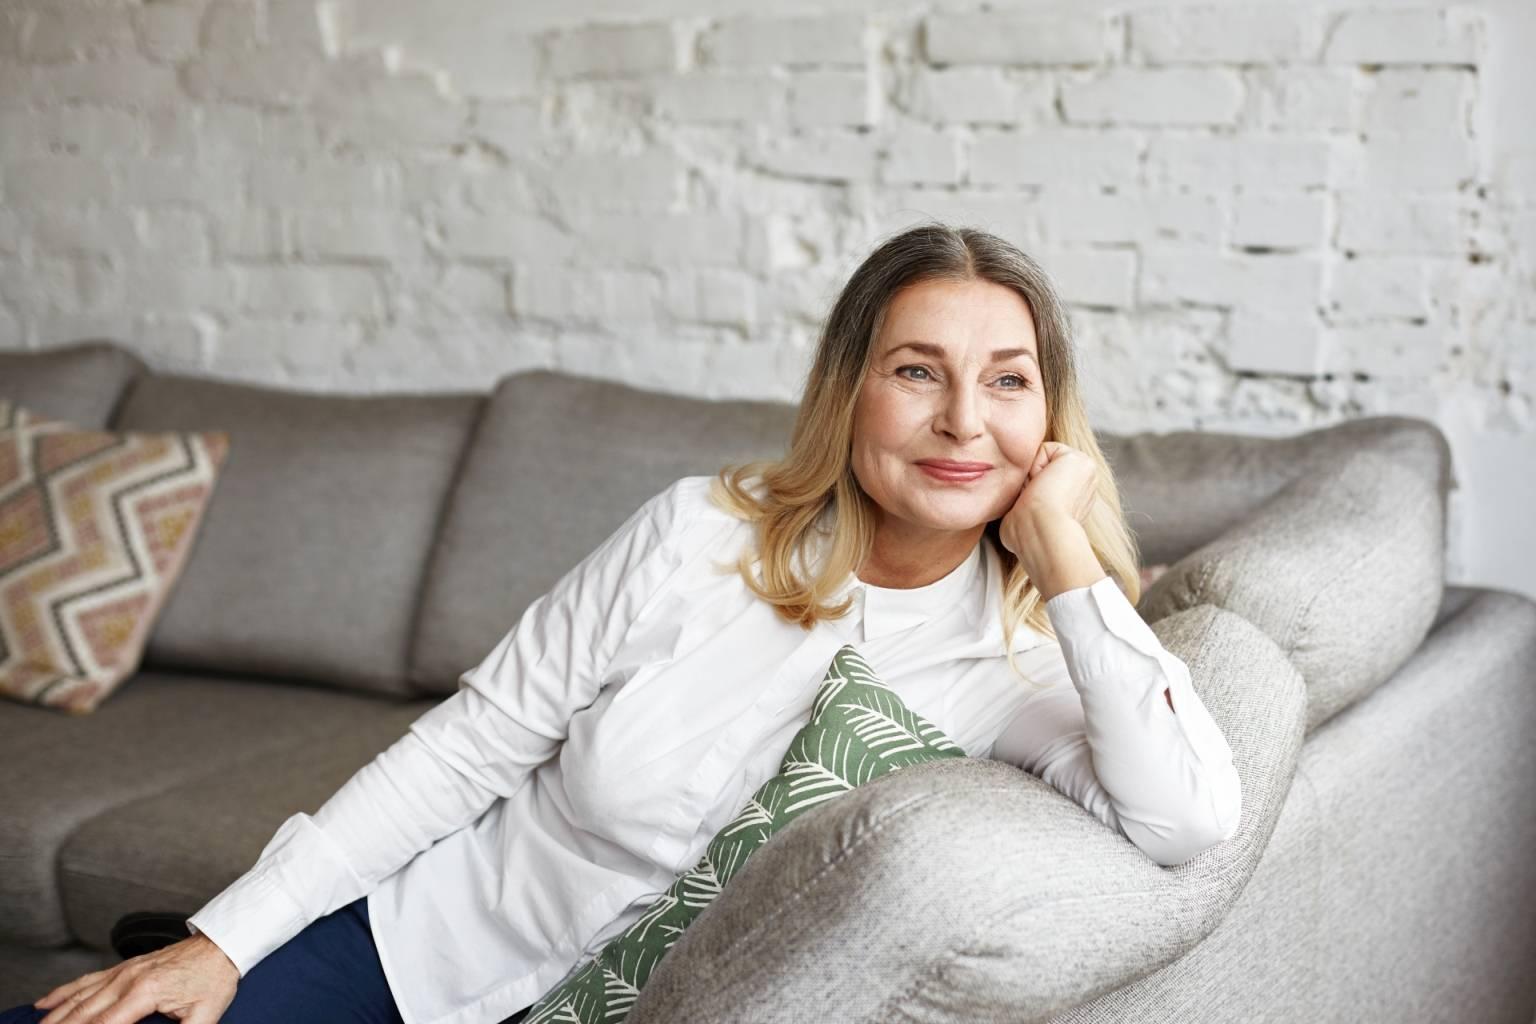 Leki homeopatyczne na menopauzę. Uśmiechnięta seniorka siedzi na kanapie w domu i wygląda przez okno.